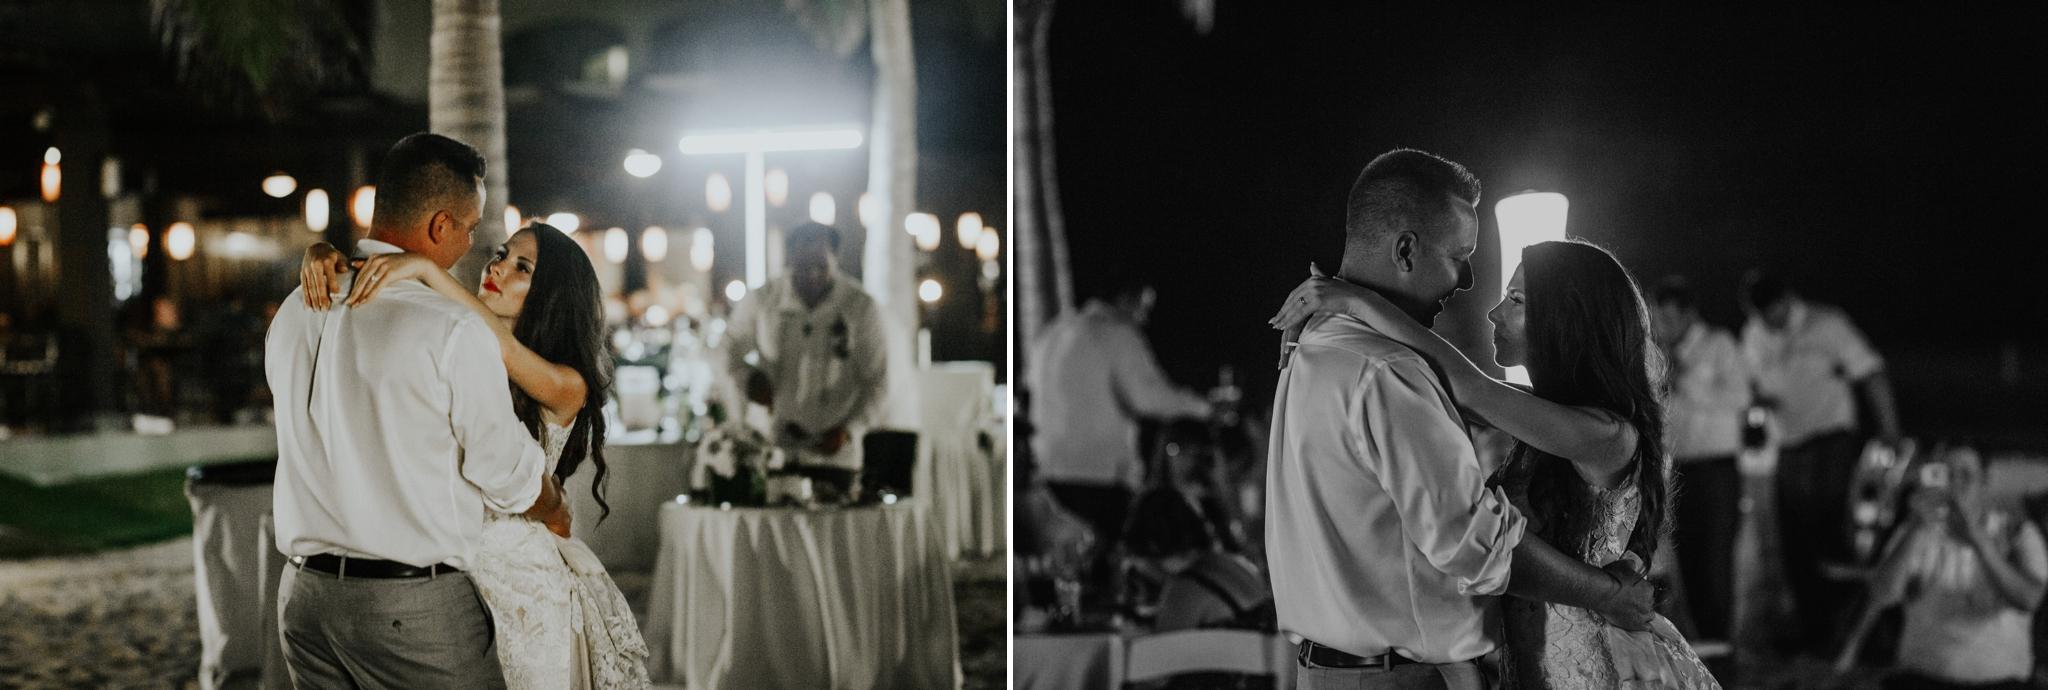 hawaii-wedding-photography23.jpg